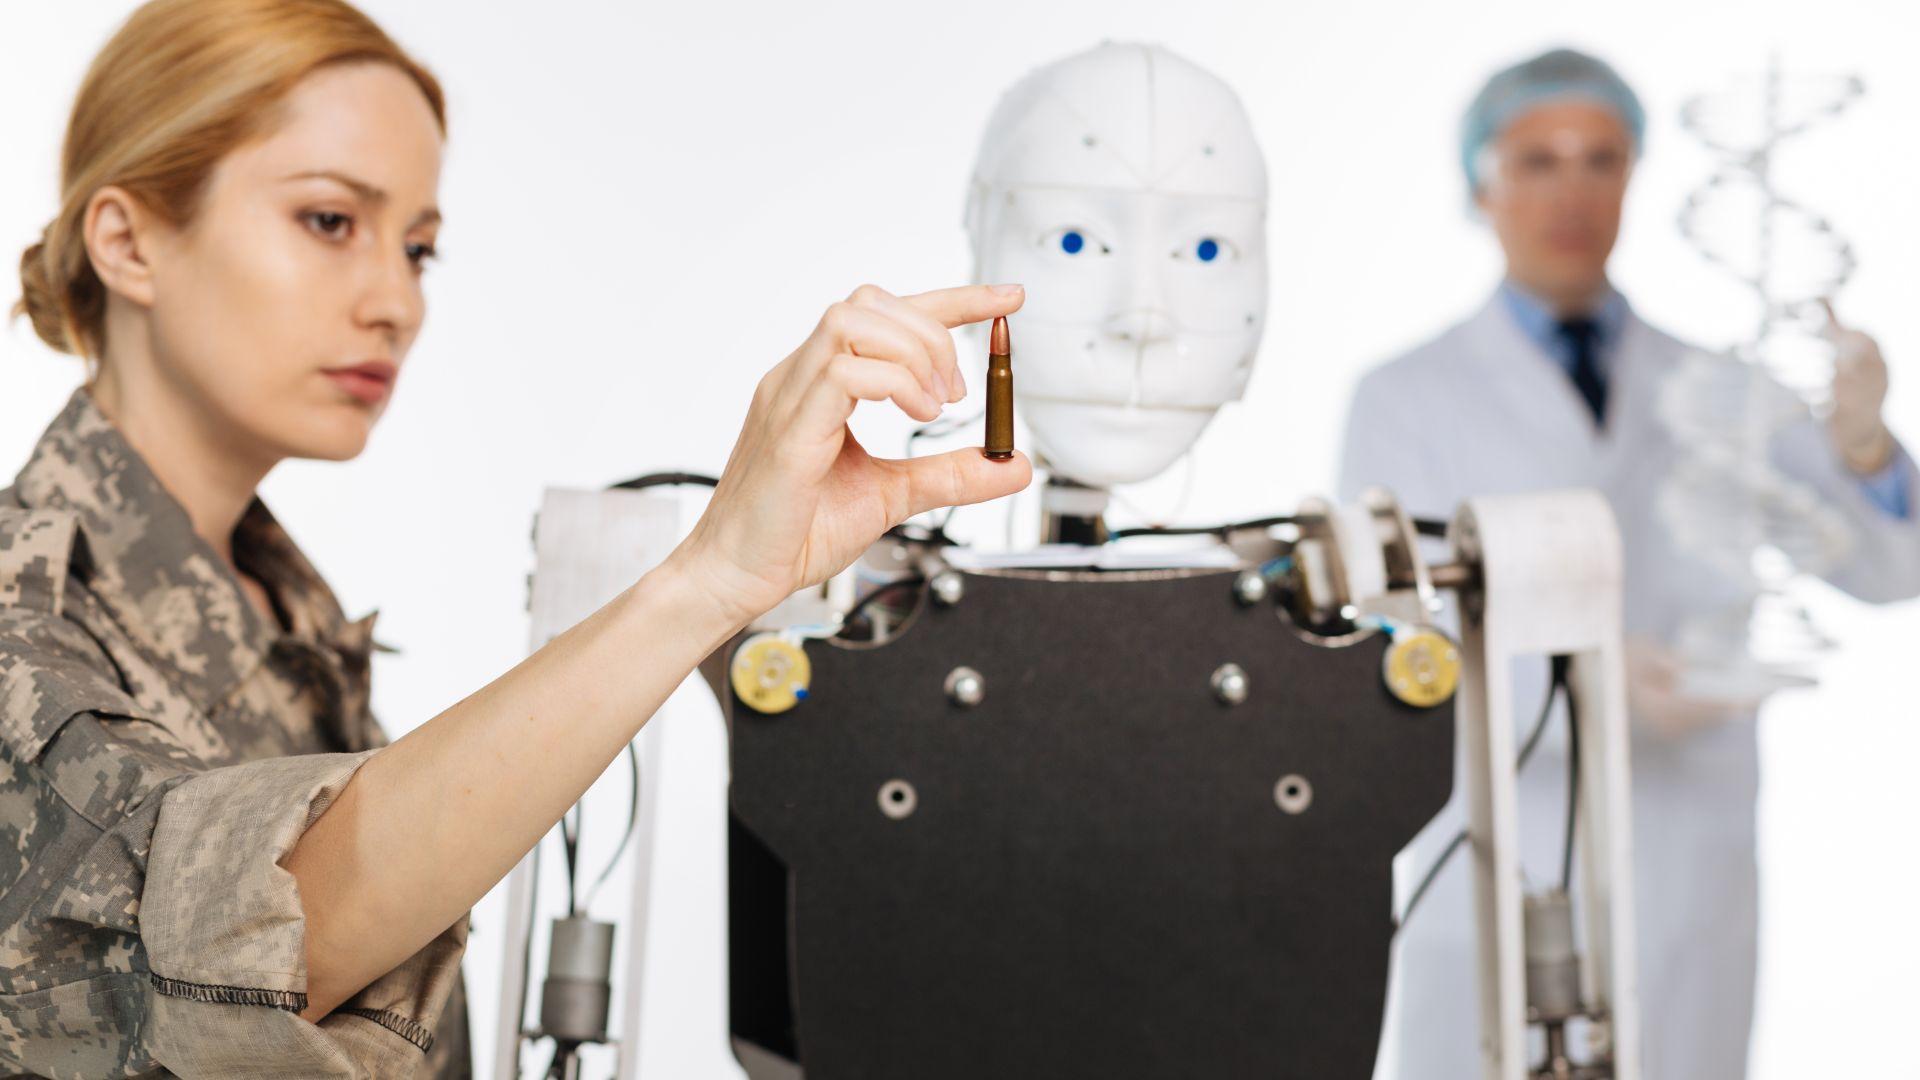 Пентагонът разработва умни роботи от ново поколение на база мозък от насекоми